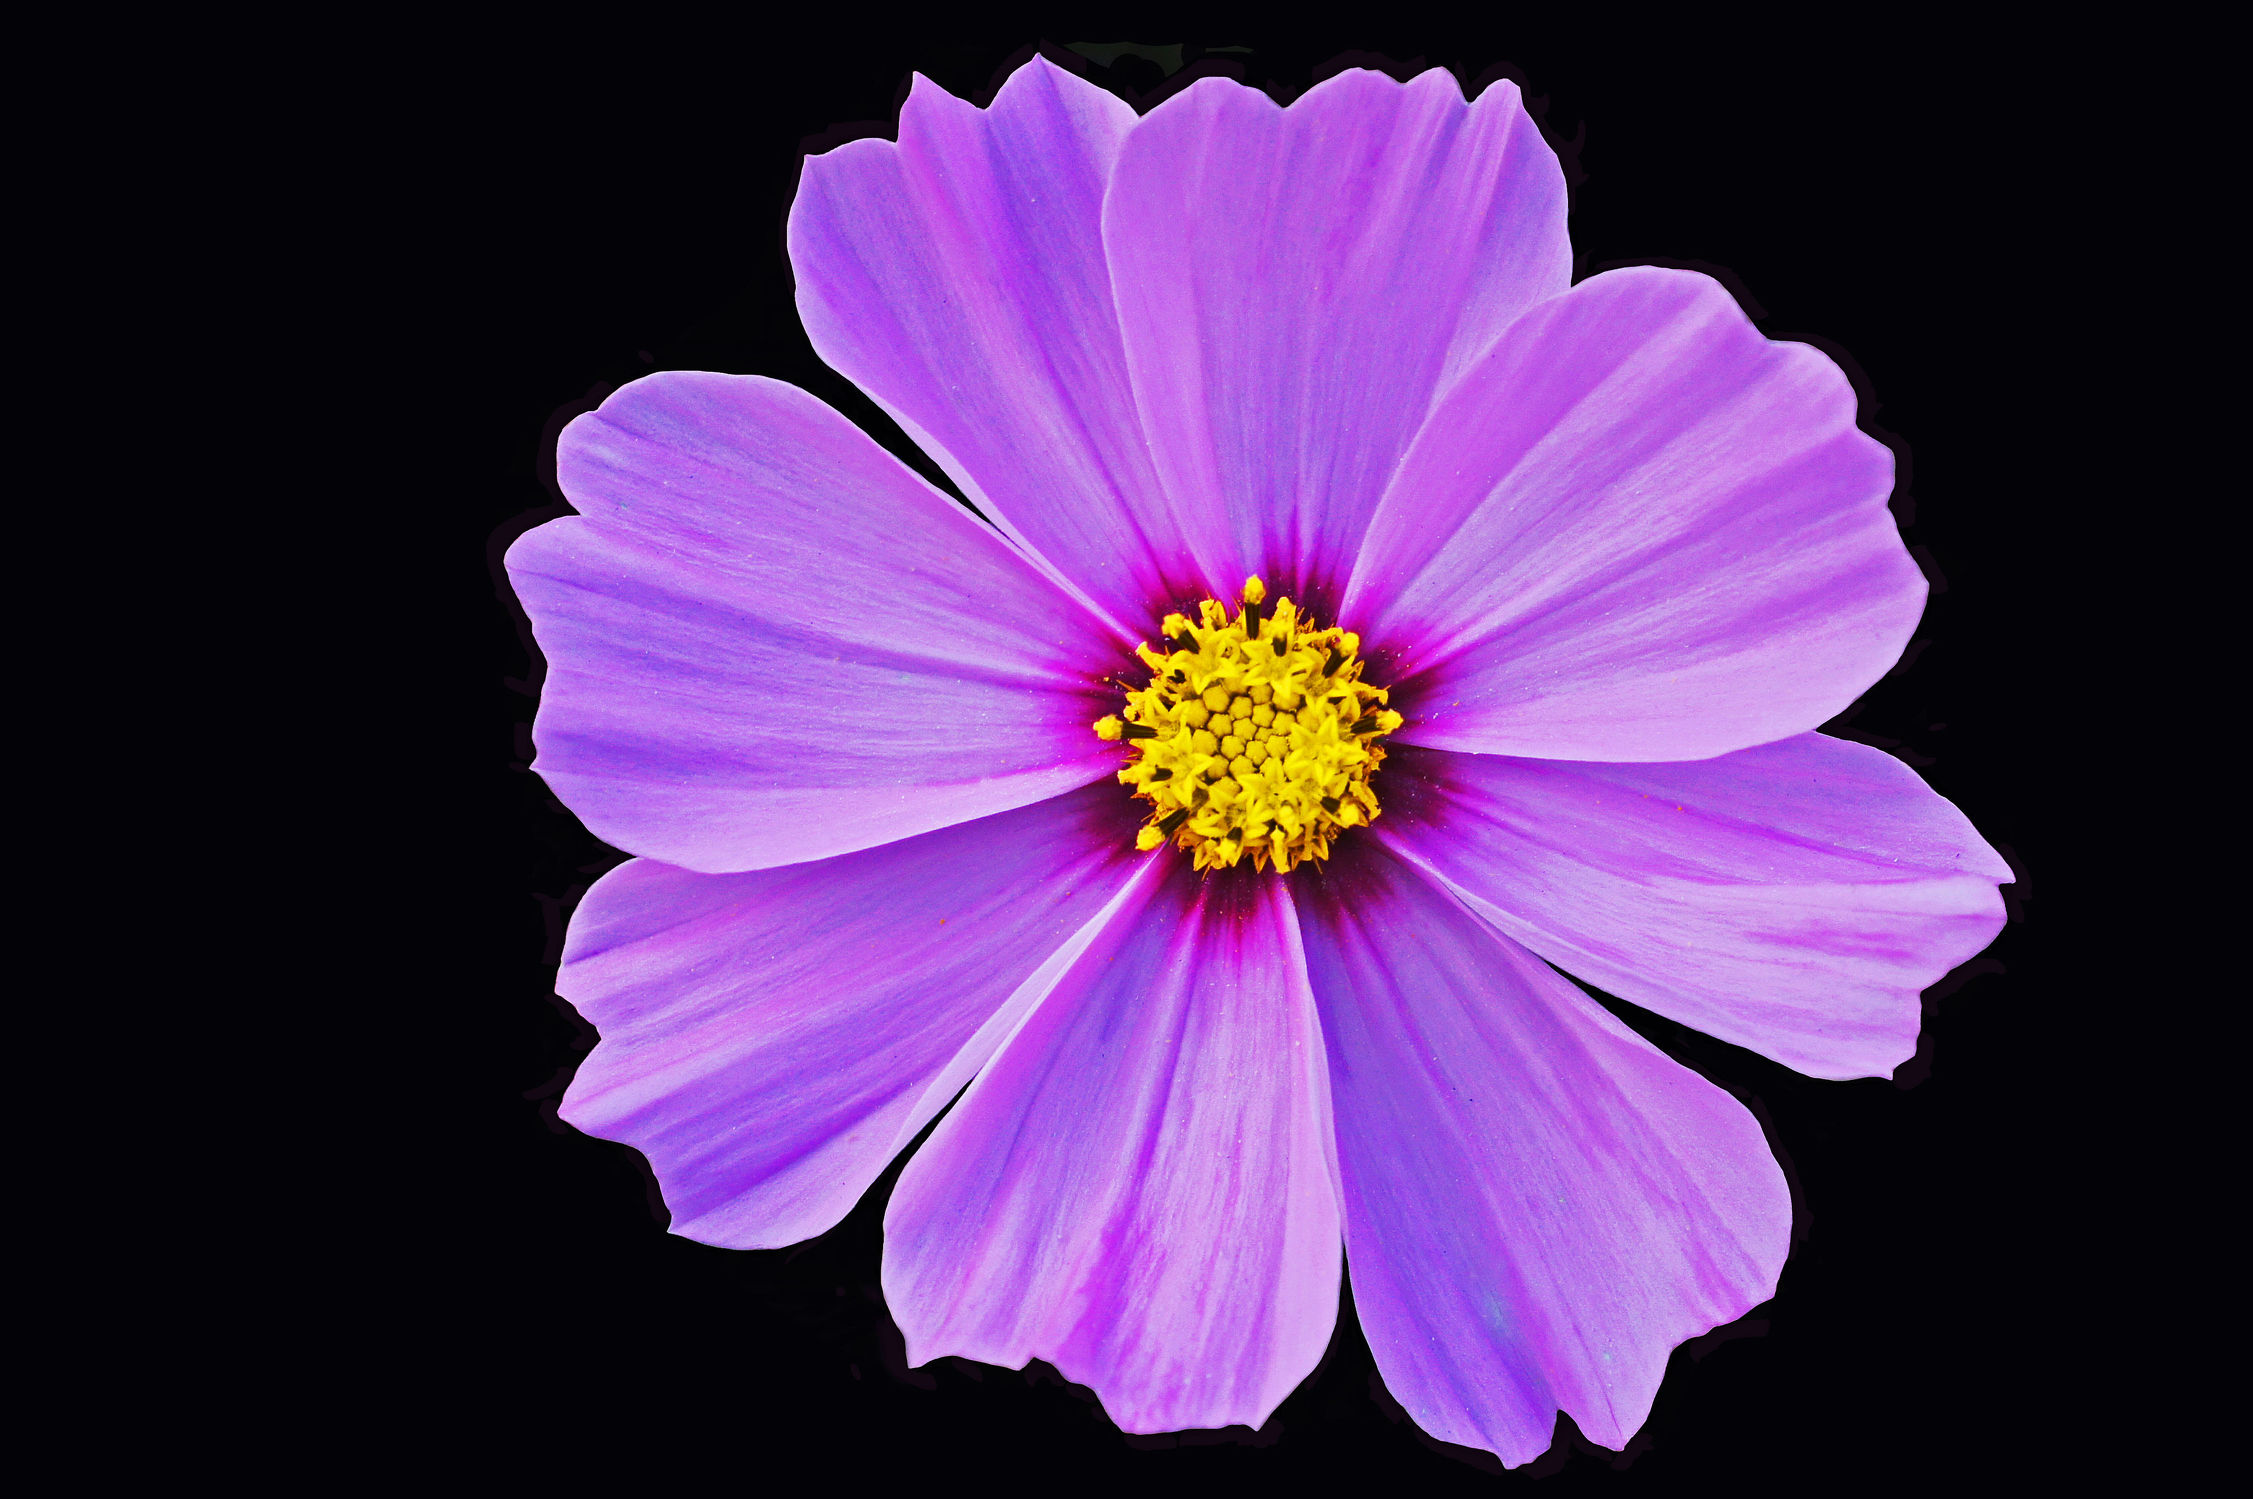 Bild mit Pflanzen, Blumen, Blume, Pflanze, Blüten, blüte